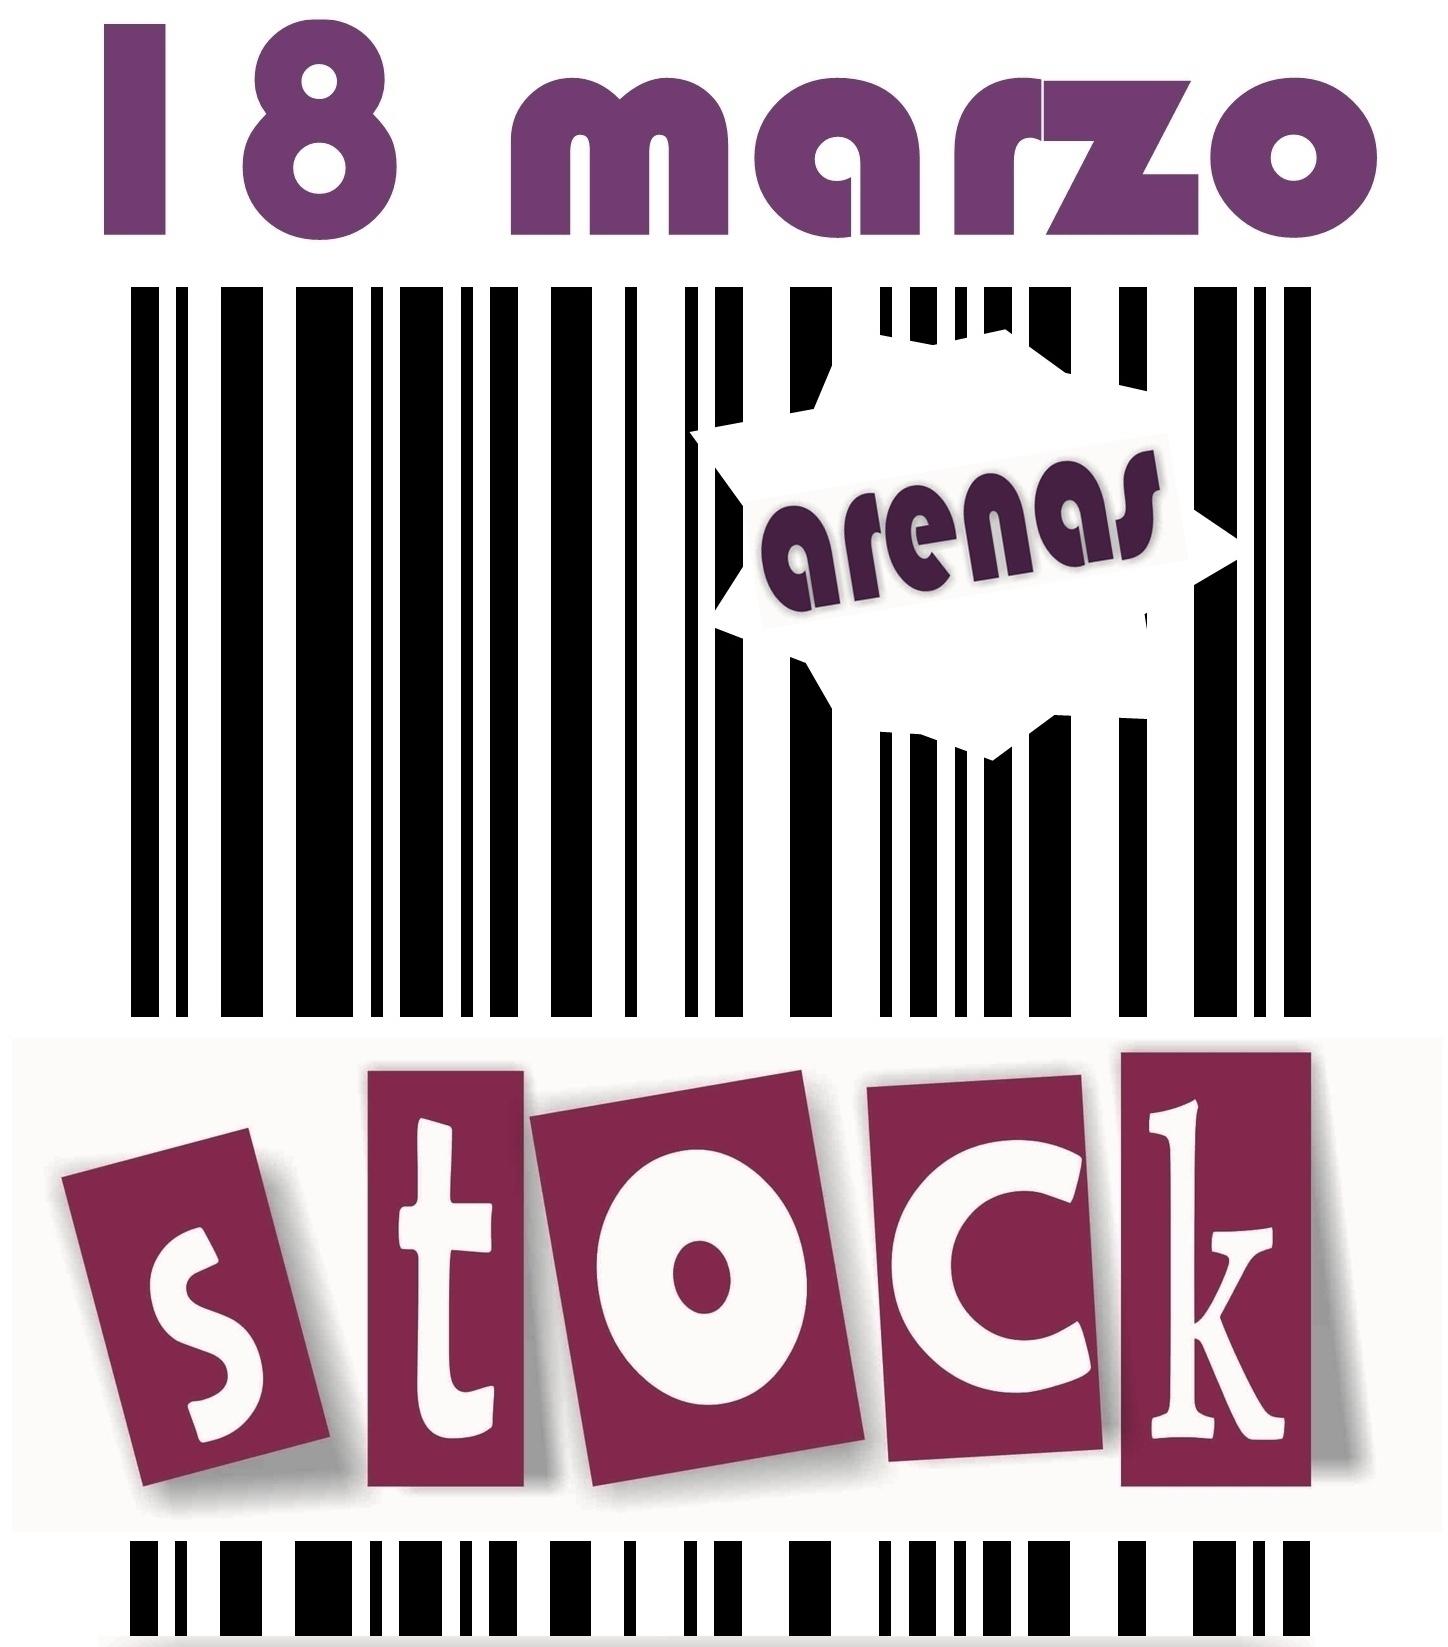 Jornada del Stock de Arenas de San Pedro